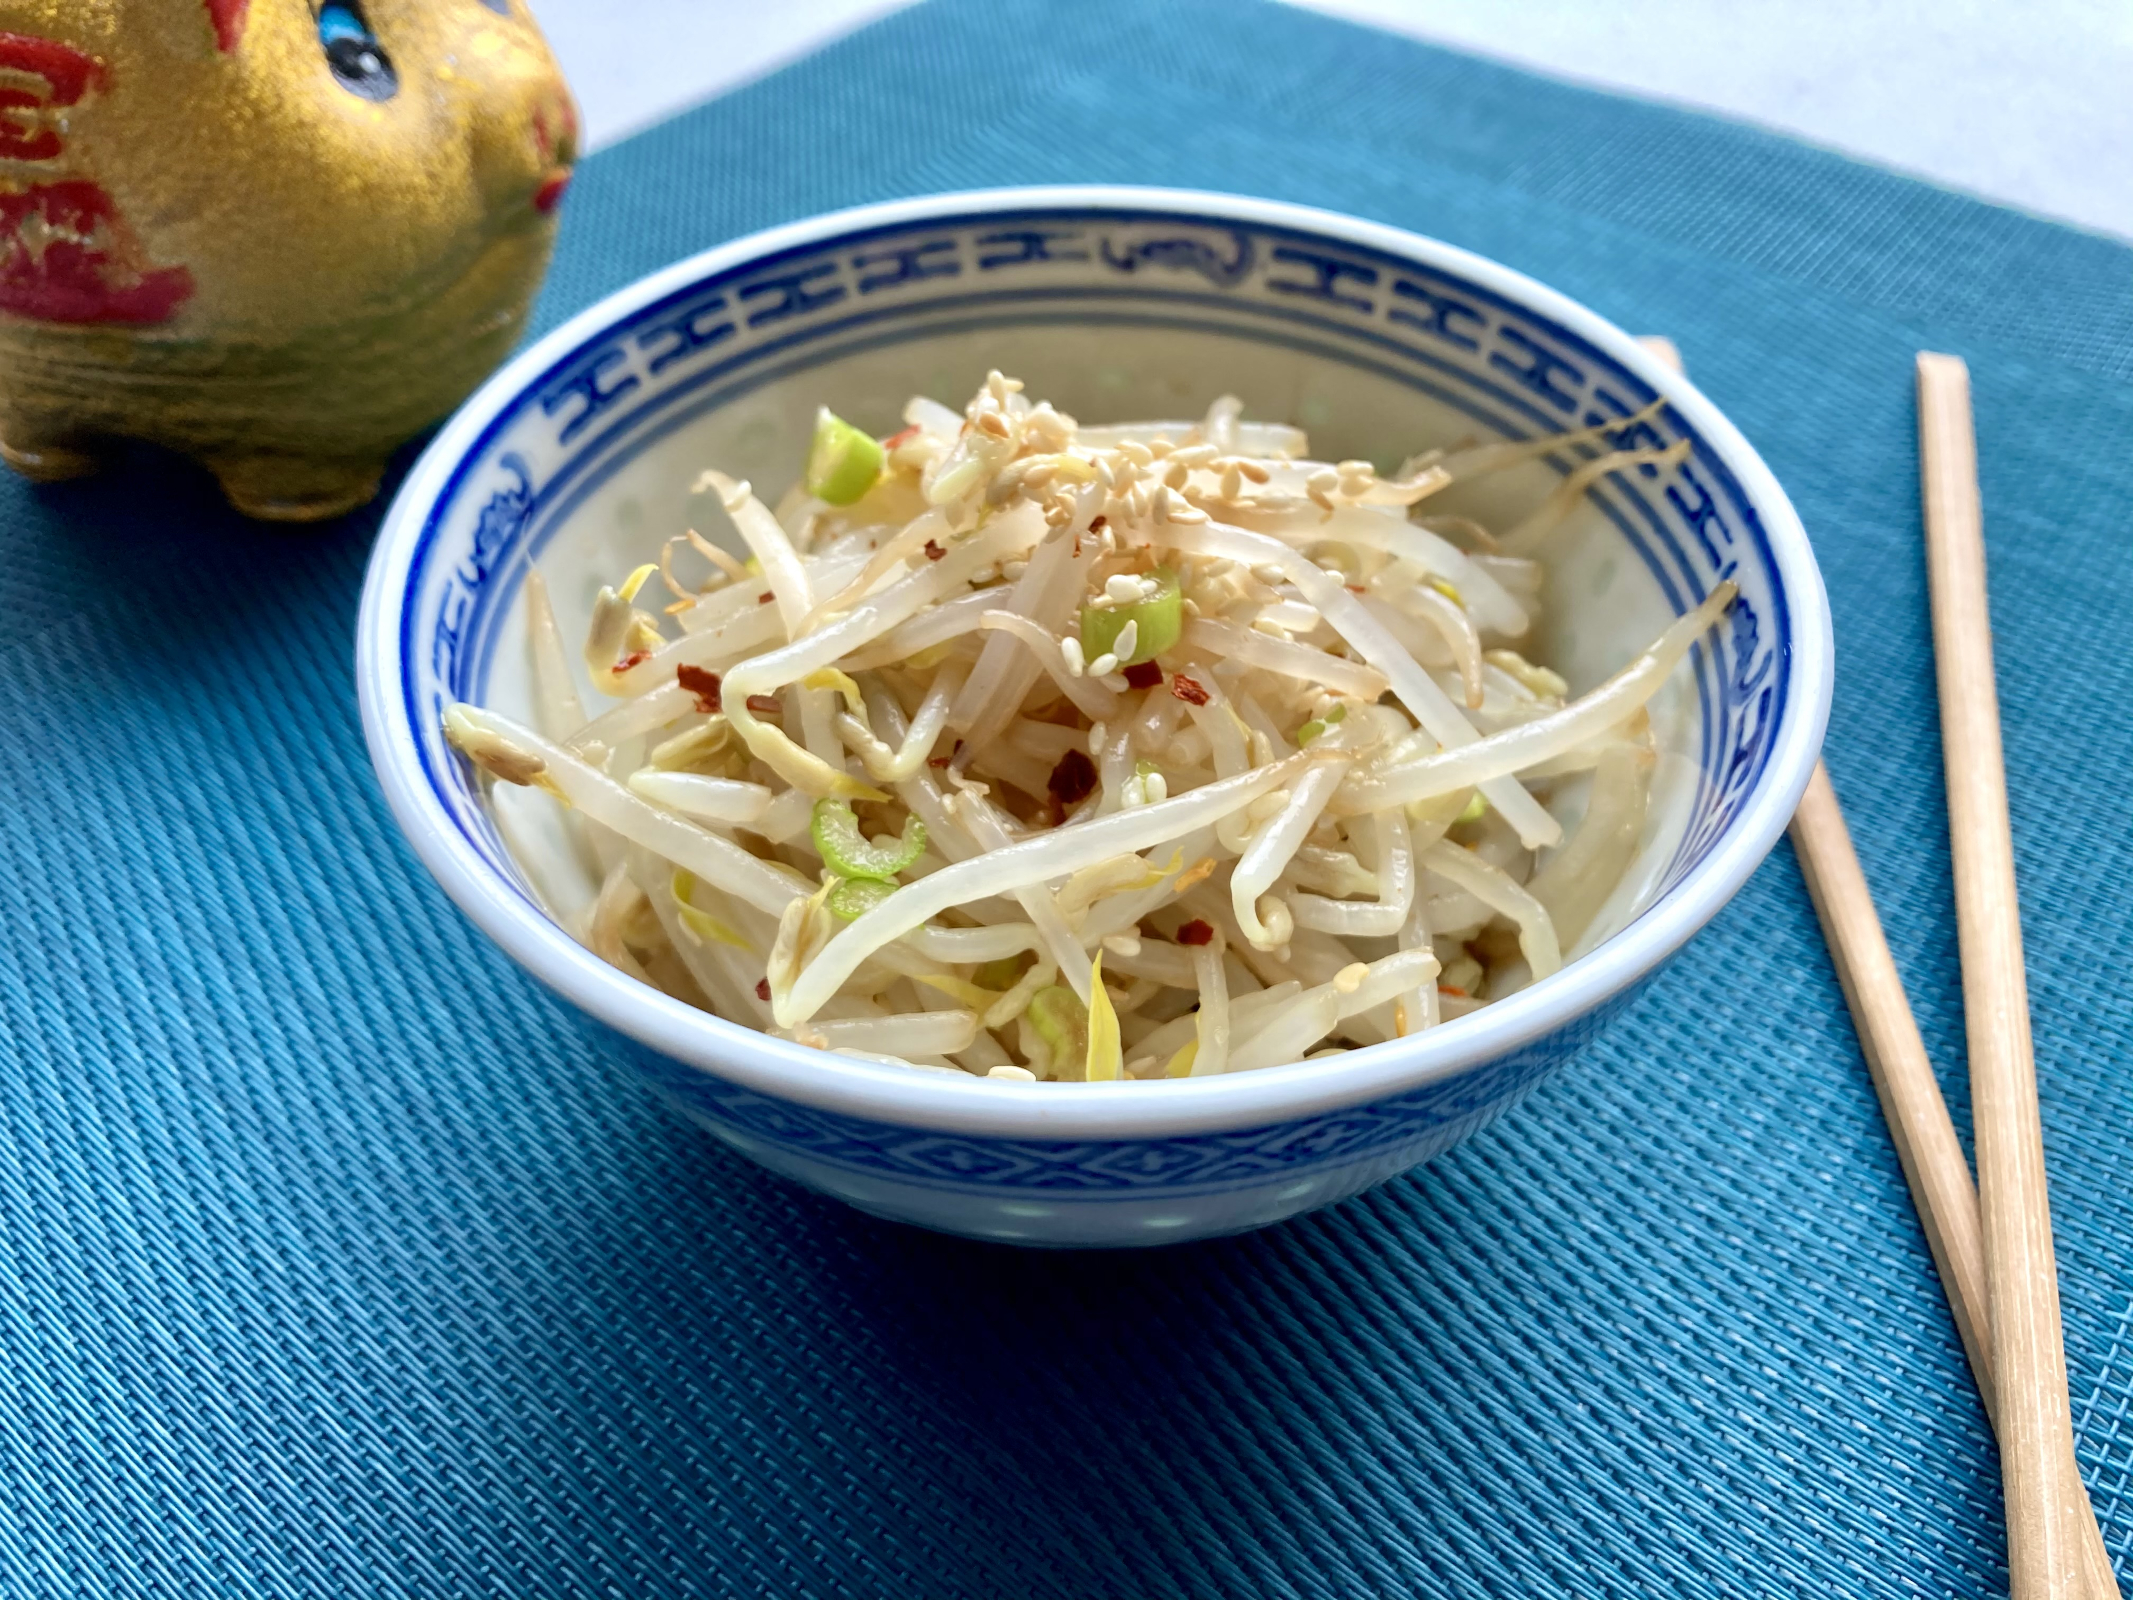 Sojasprossensalat mit Sesam in Schüssel